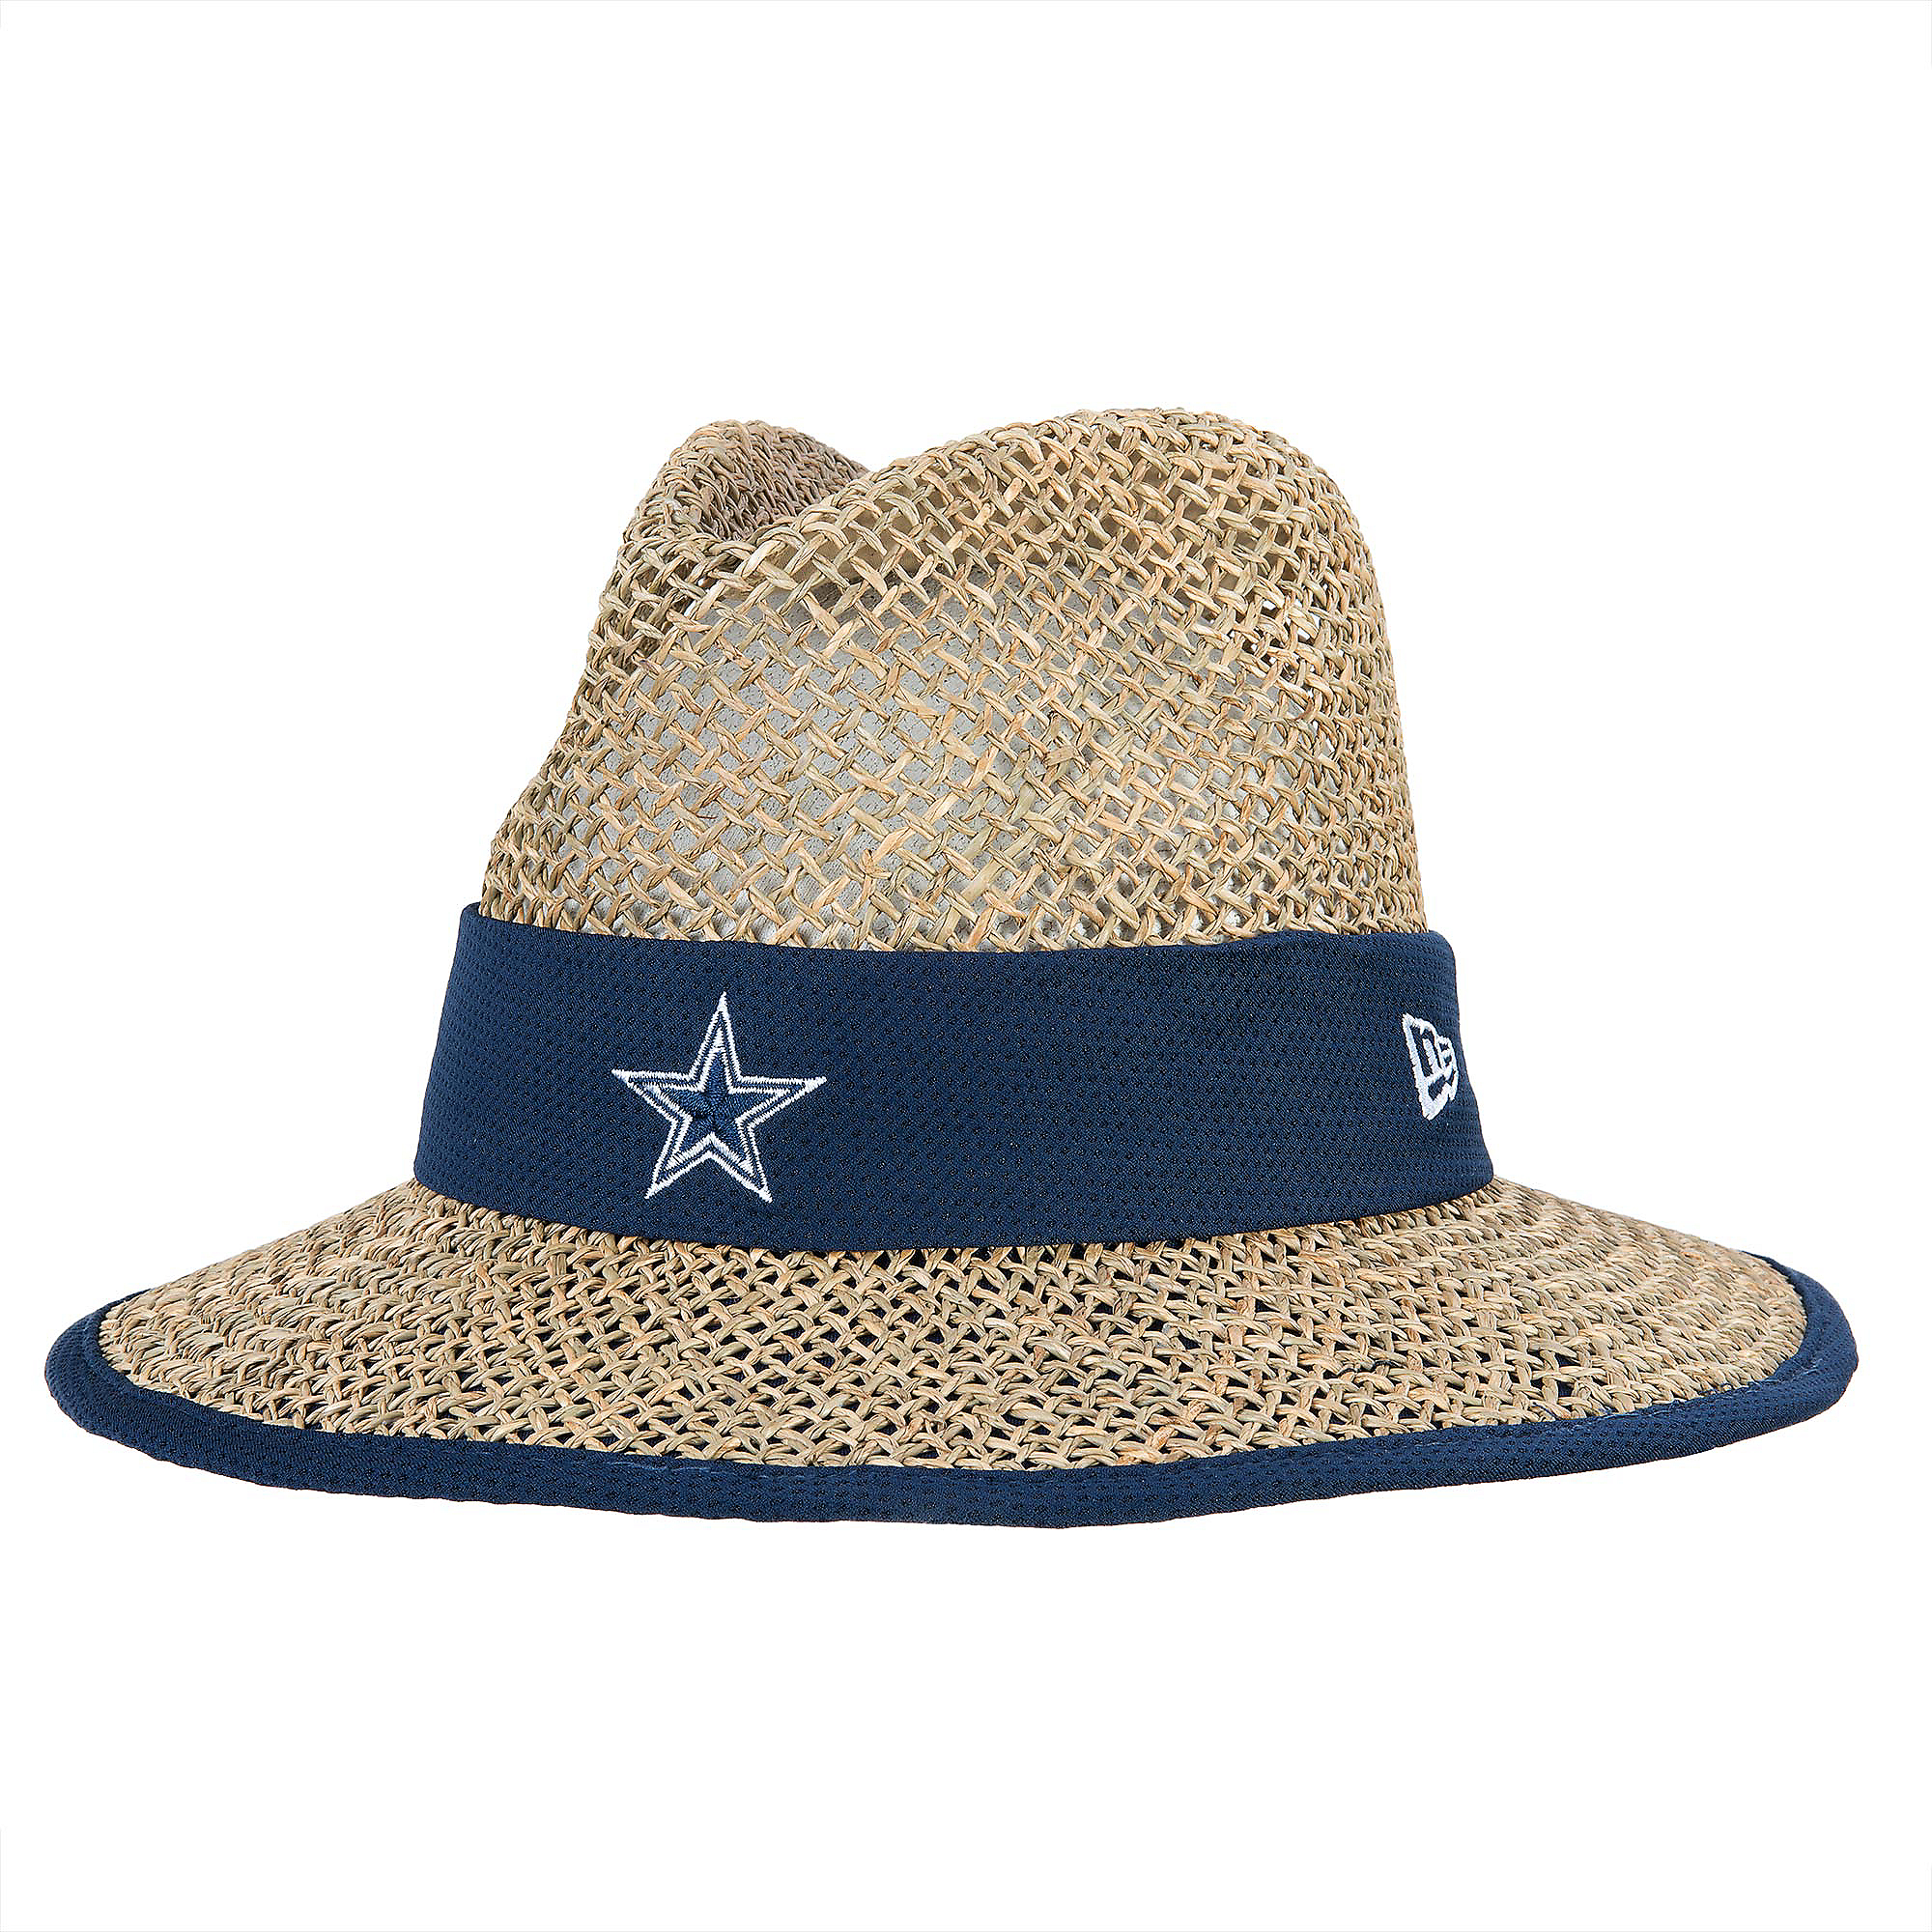 010b7a1309dc8 Dallas Cowboys New Era Training Straw Hat